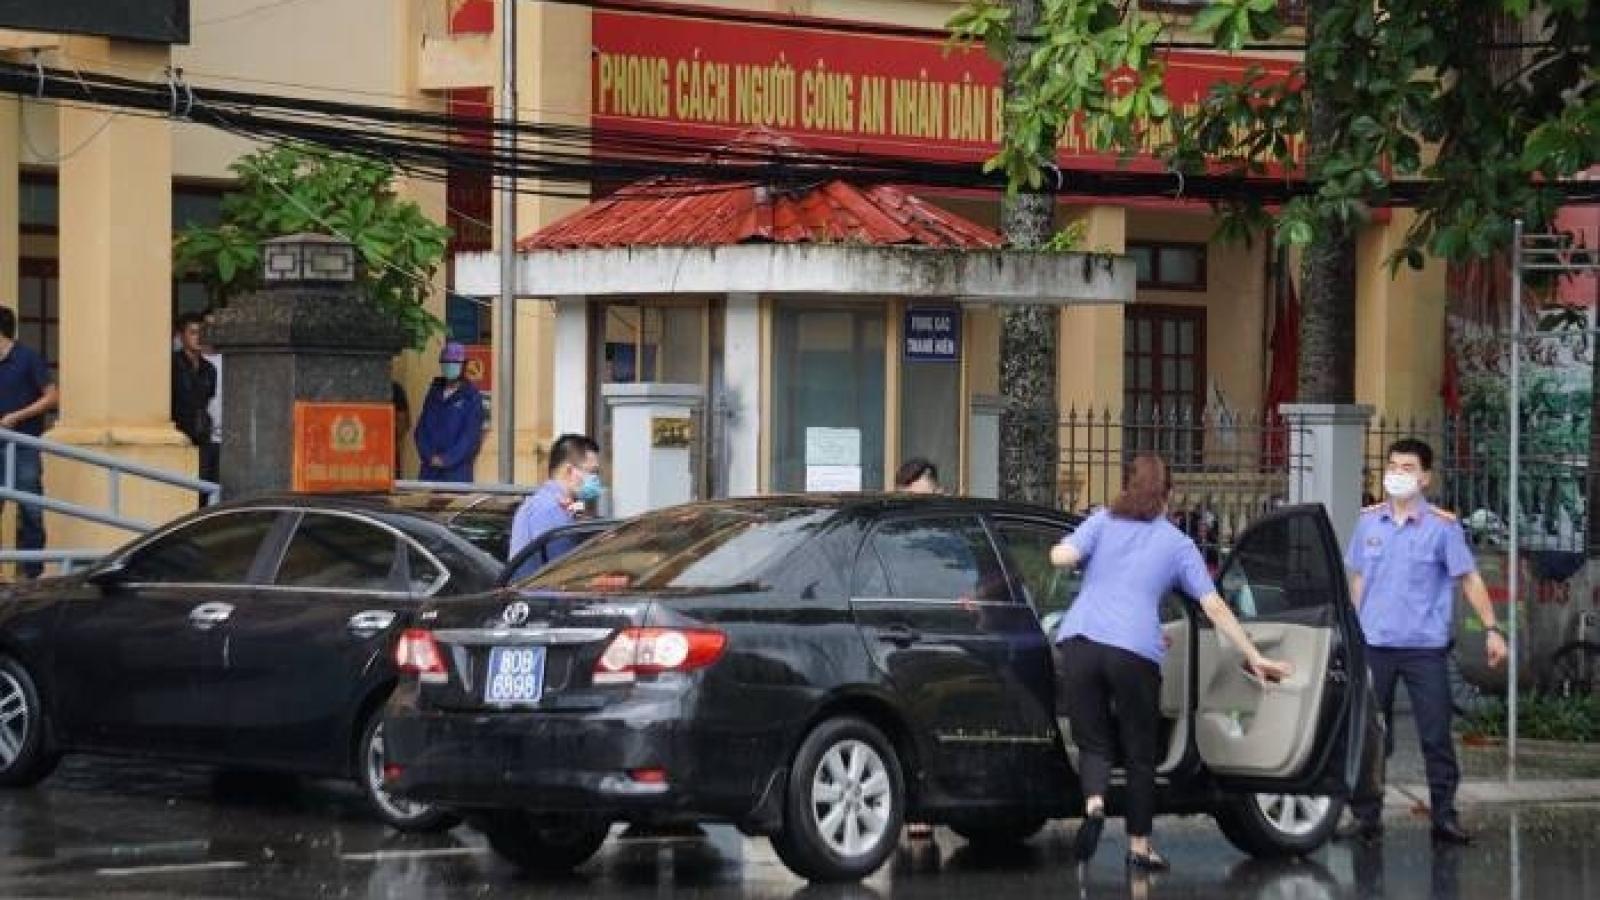 Bắt Phó Trưởng Công an Đồ Sơn về hành vi làm sai lệch hồ sơ vụ án